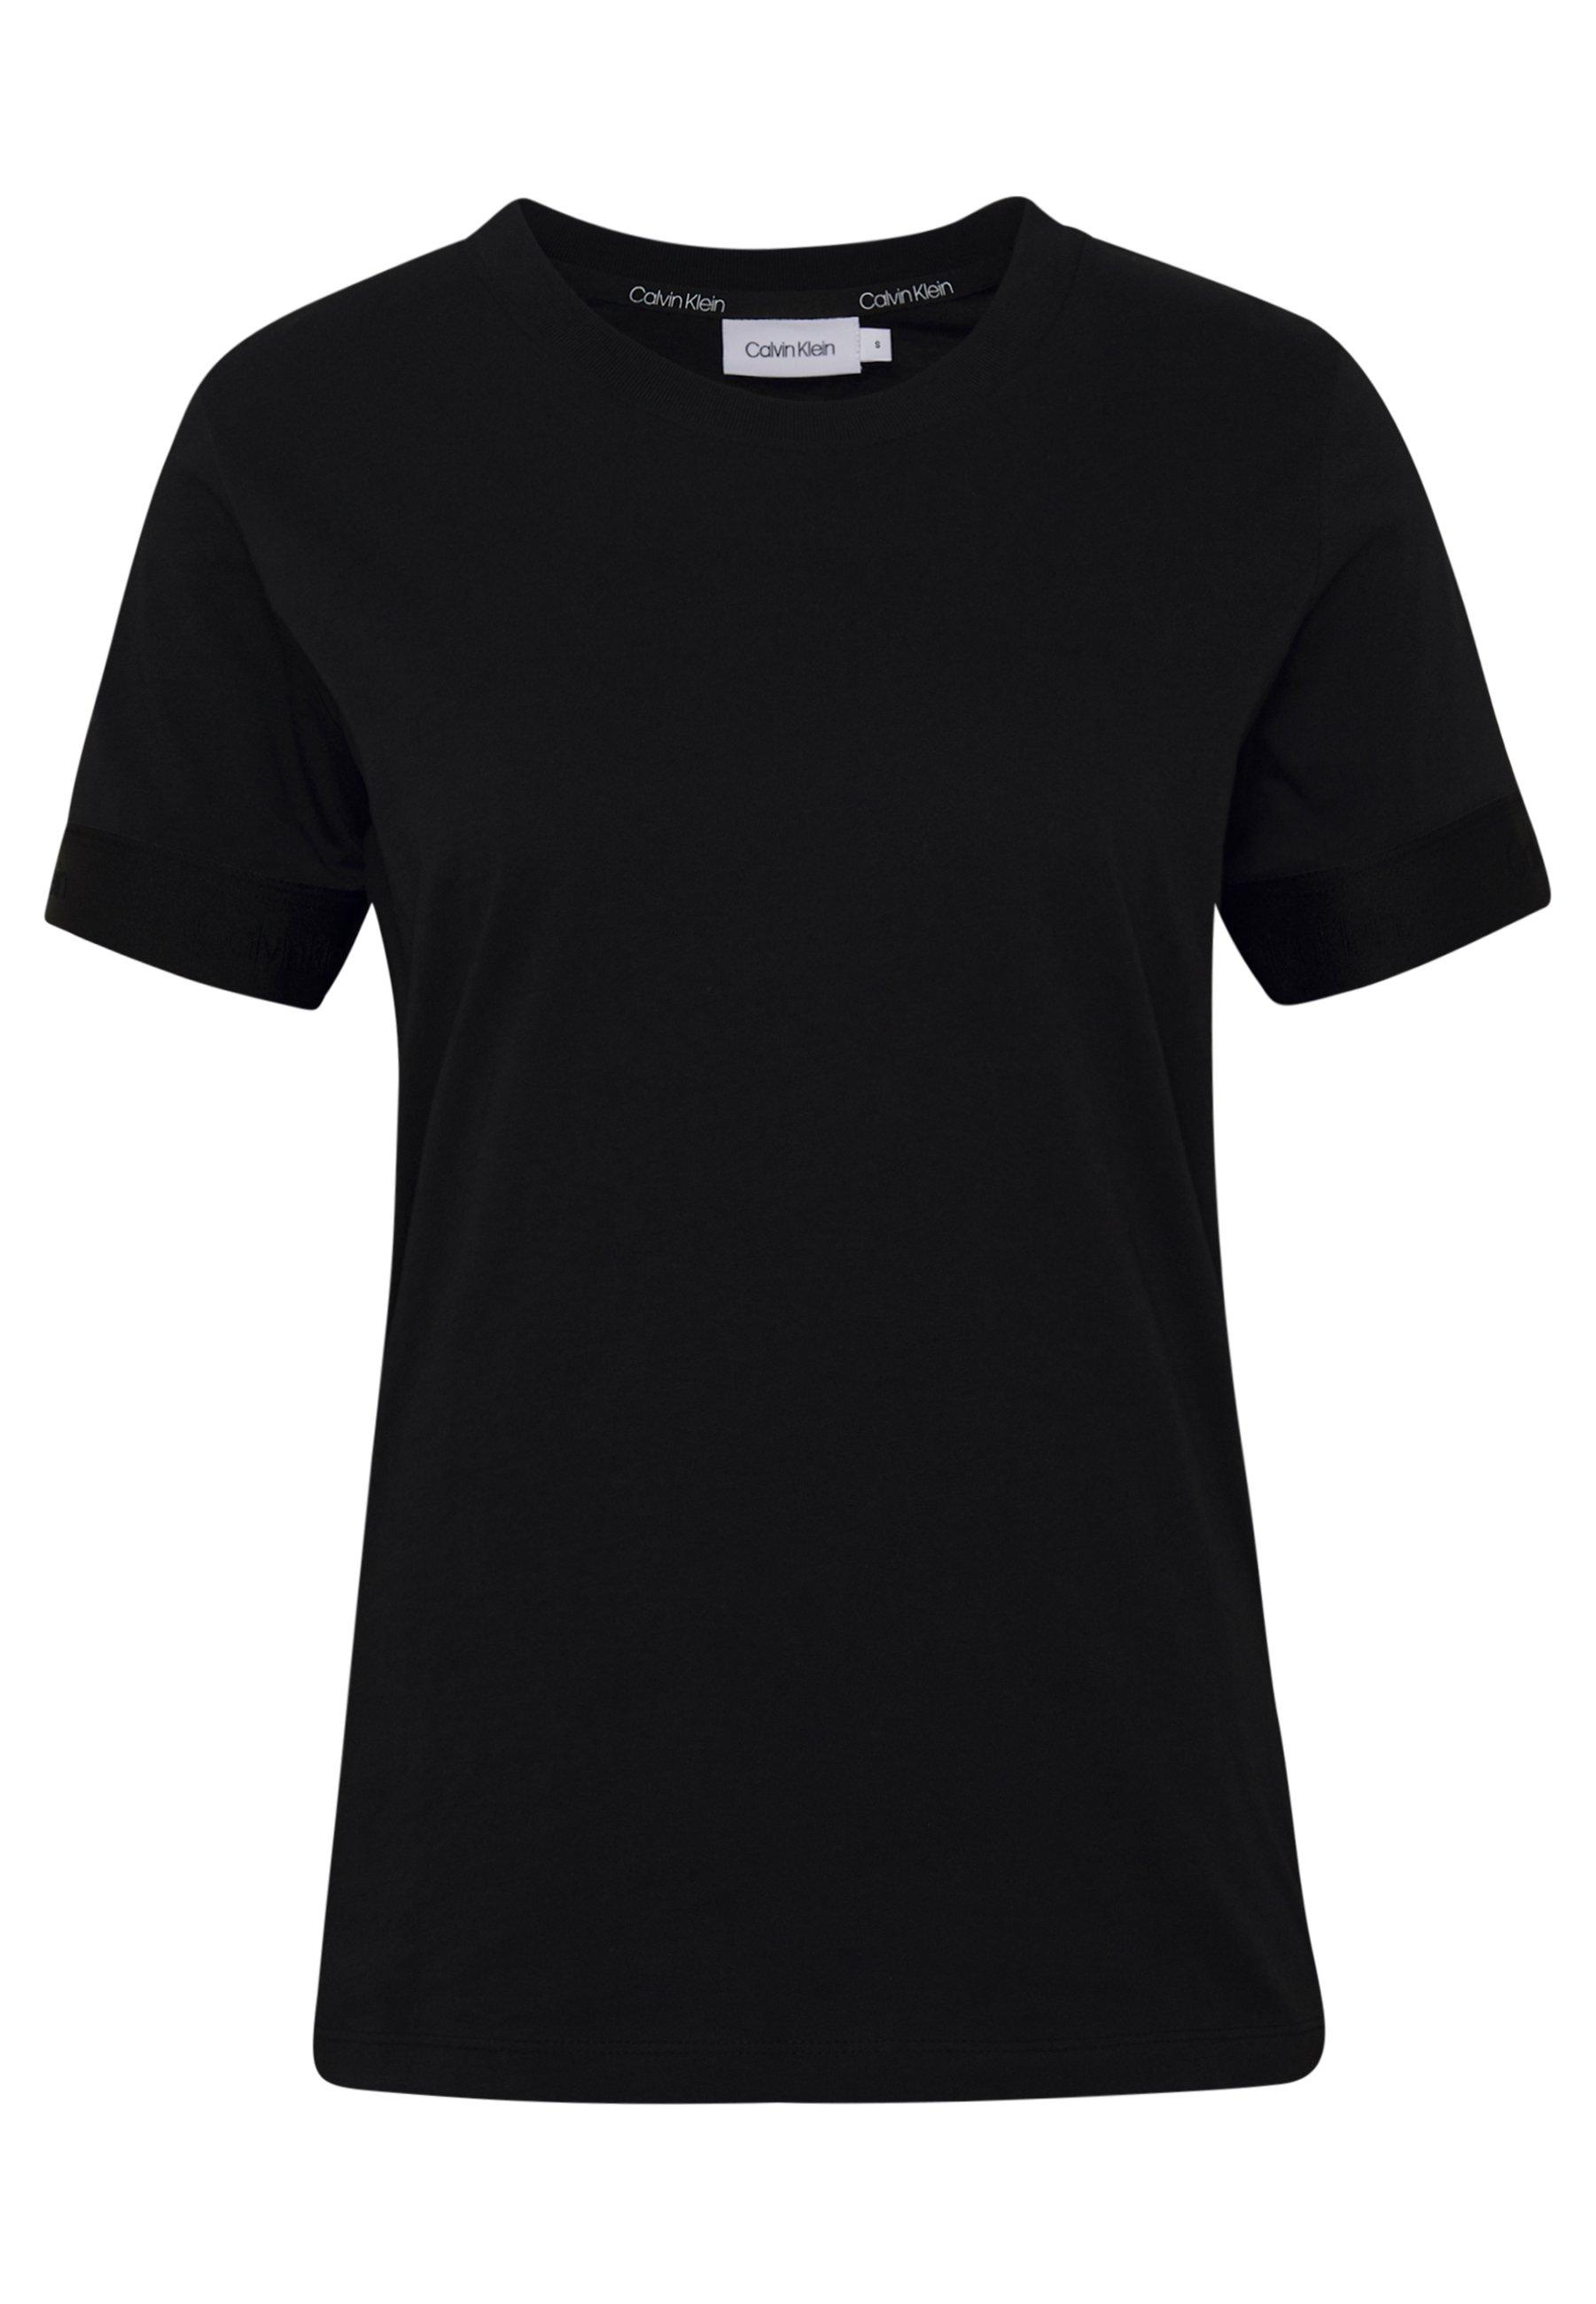 Calvin Klein Athleisure - T-shirts Black